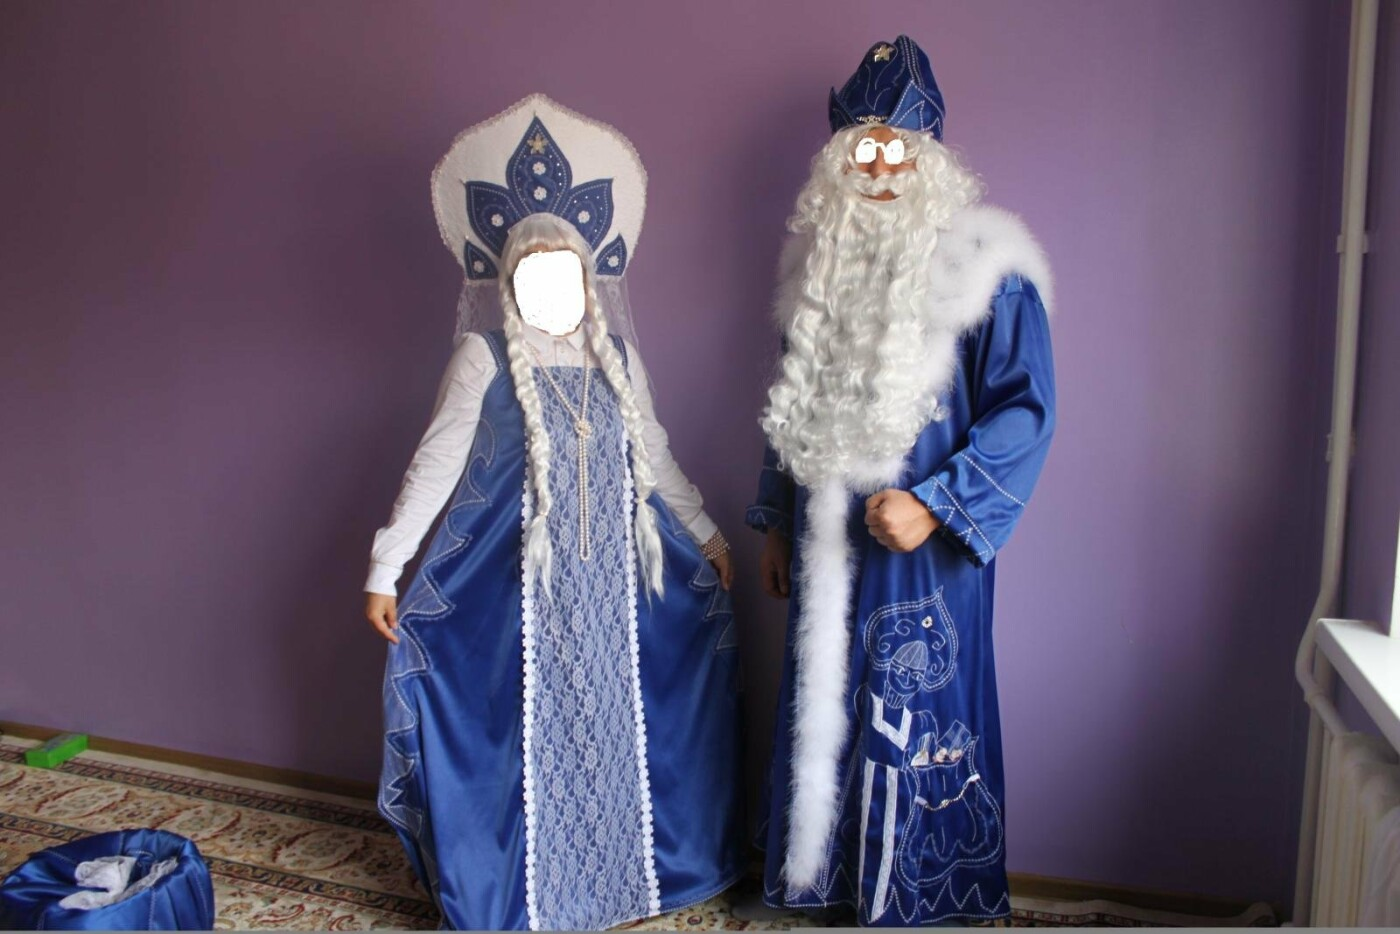 От 15 до 100 тысяч тенге: сколько стоит заказать Деда Мороза и Снегурочку в Алматы?, фото-4